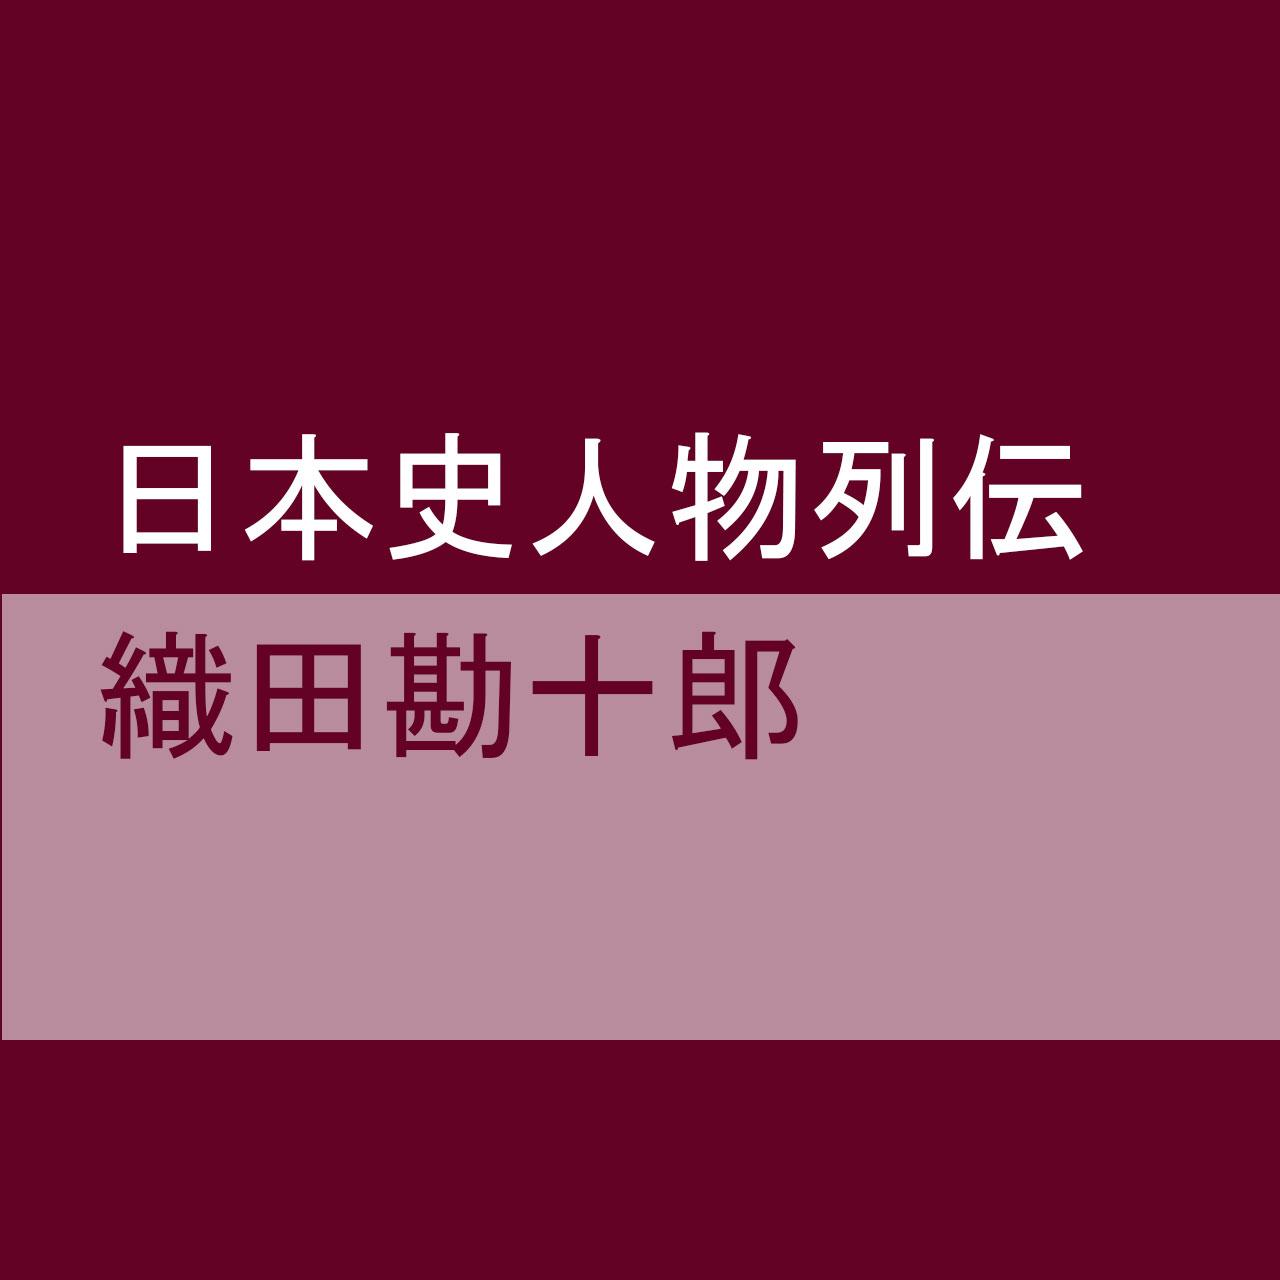 織田勘十郎(織田信勝)